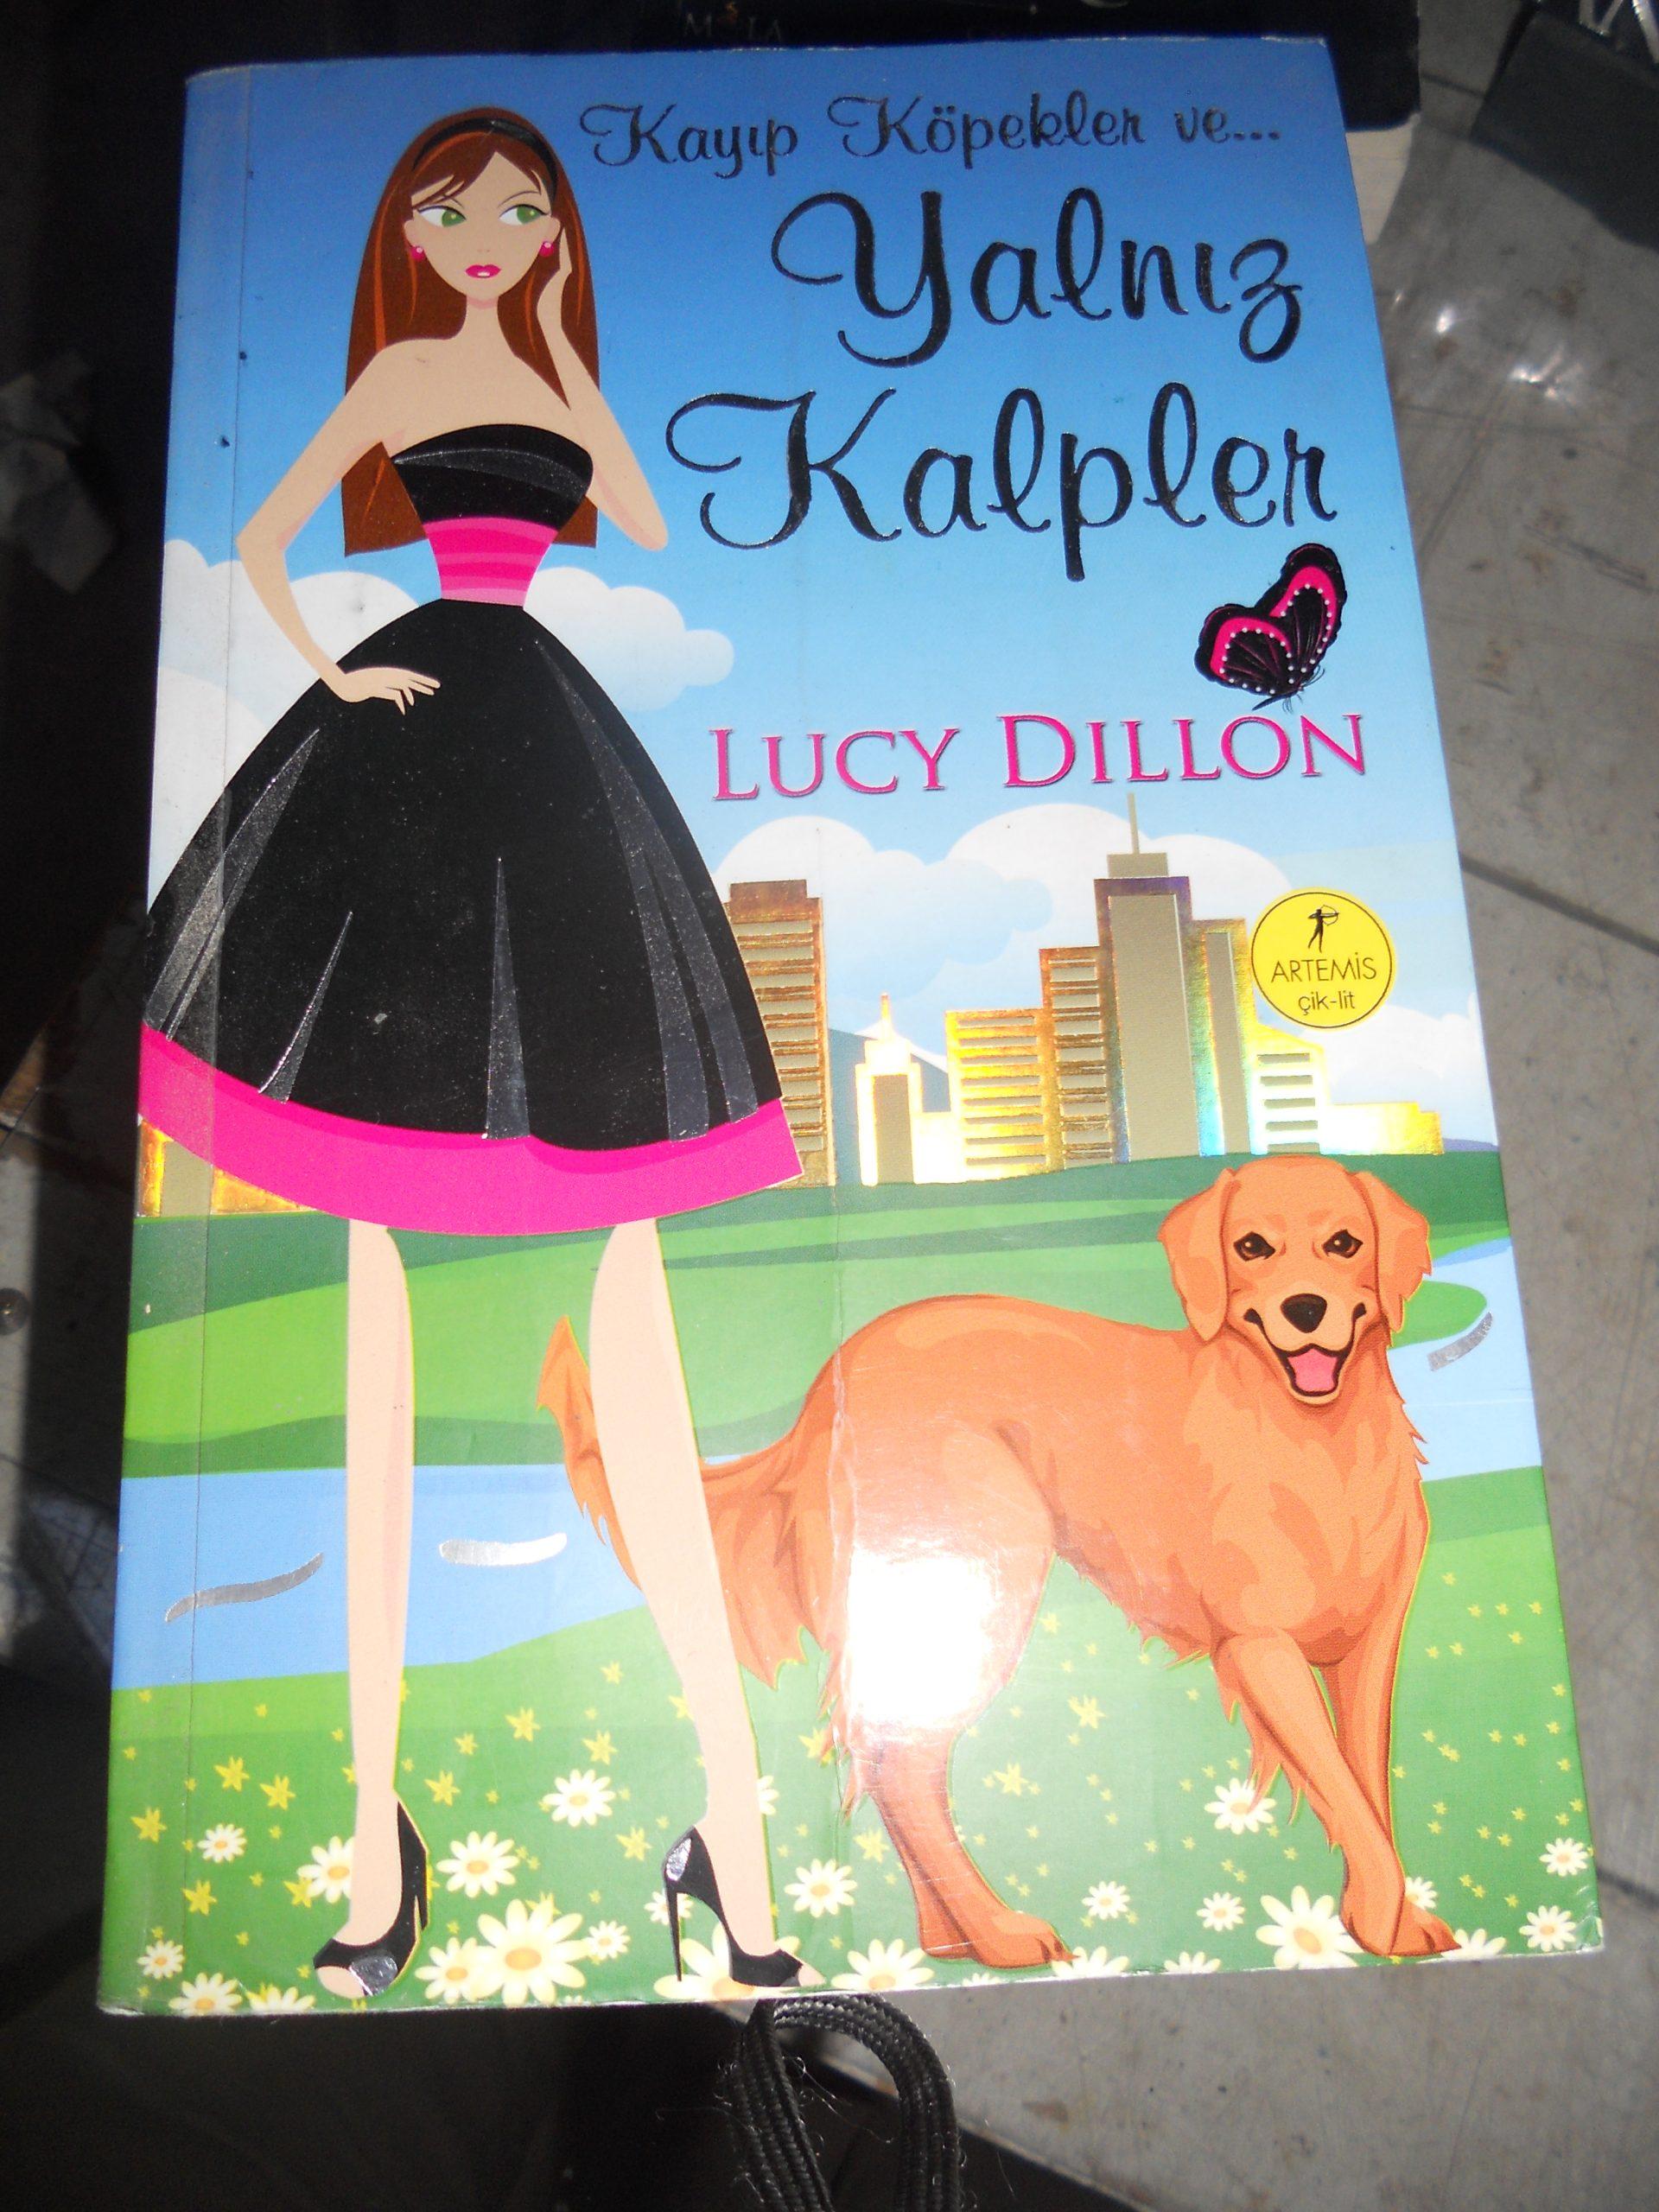 Kayıp Köpekler ve YALNIZ KALPLER/Lucy DILLON/ 10 TL